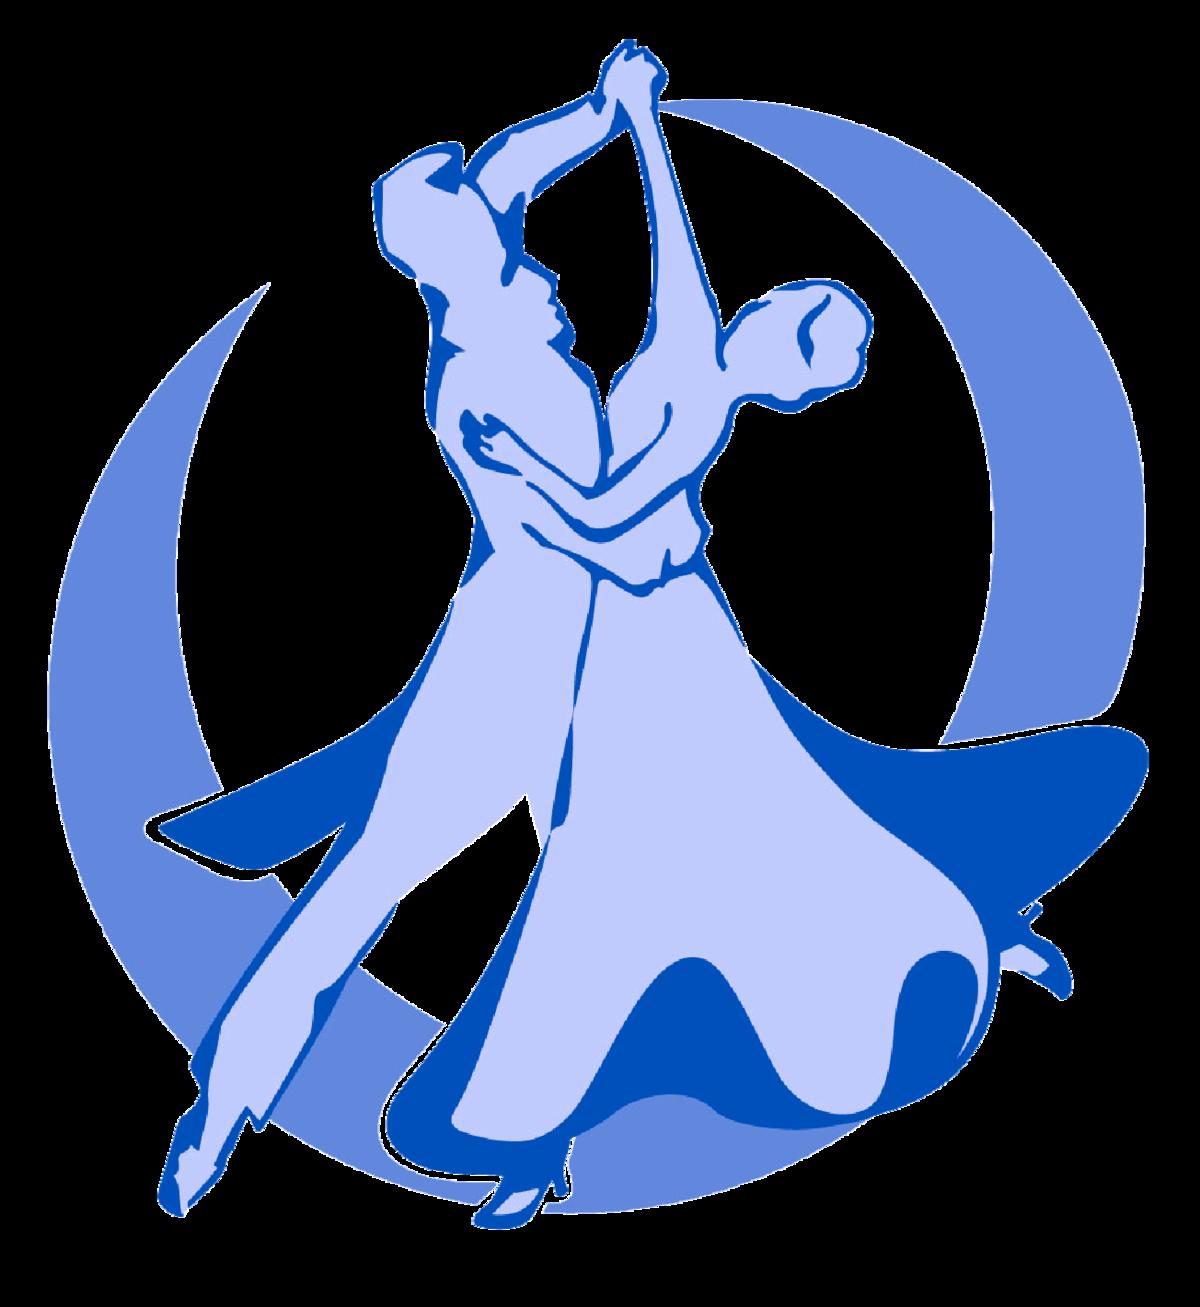 картинки для танцевального логотипа связи